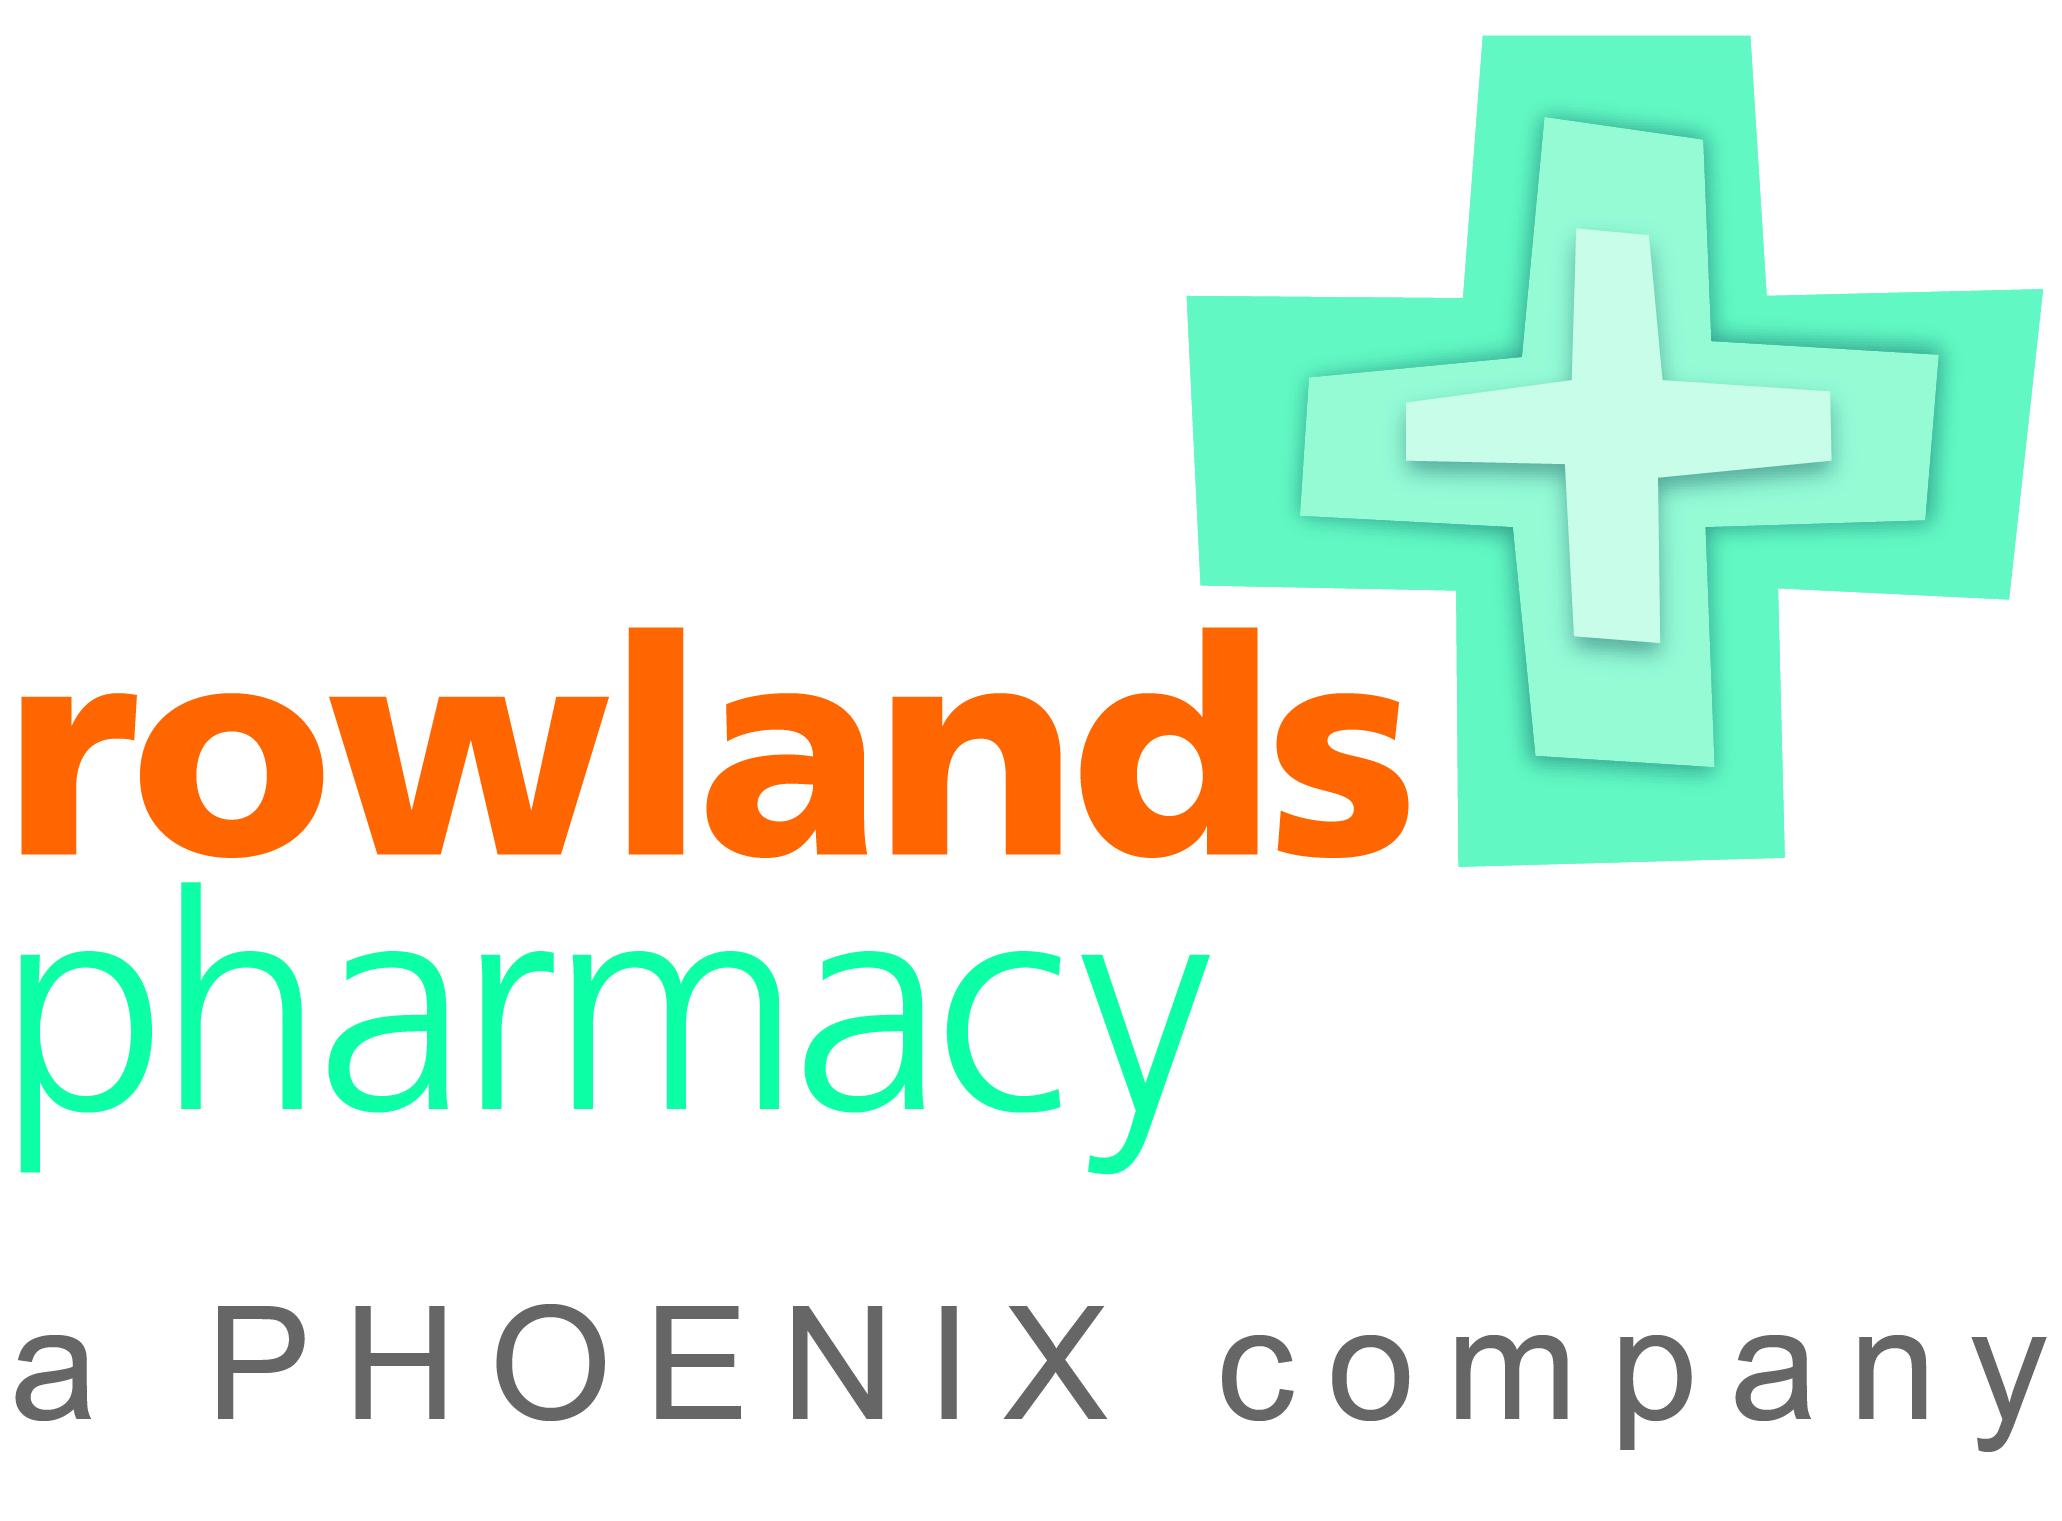 Rowlands Pharmacy | High Street, Pwllheli LL53 7DY | +44 1758 712436